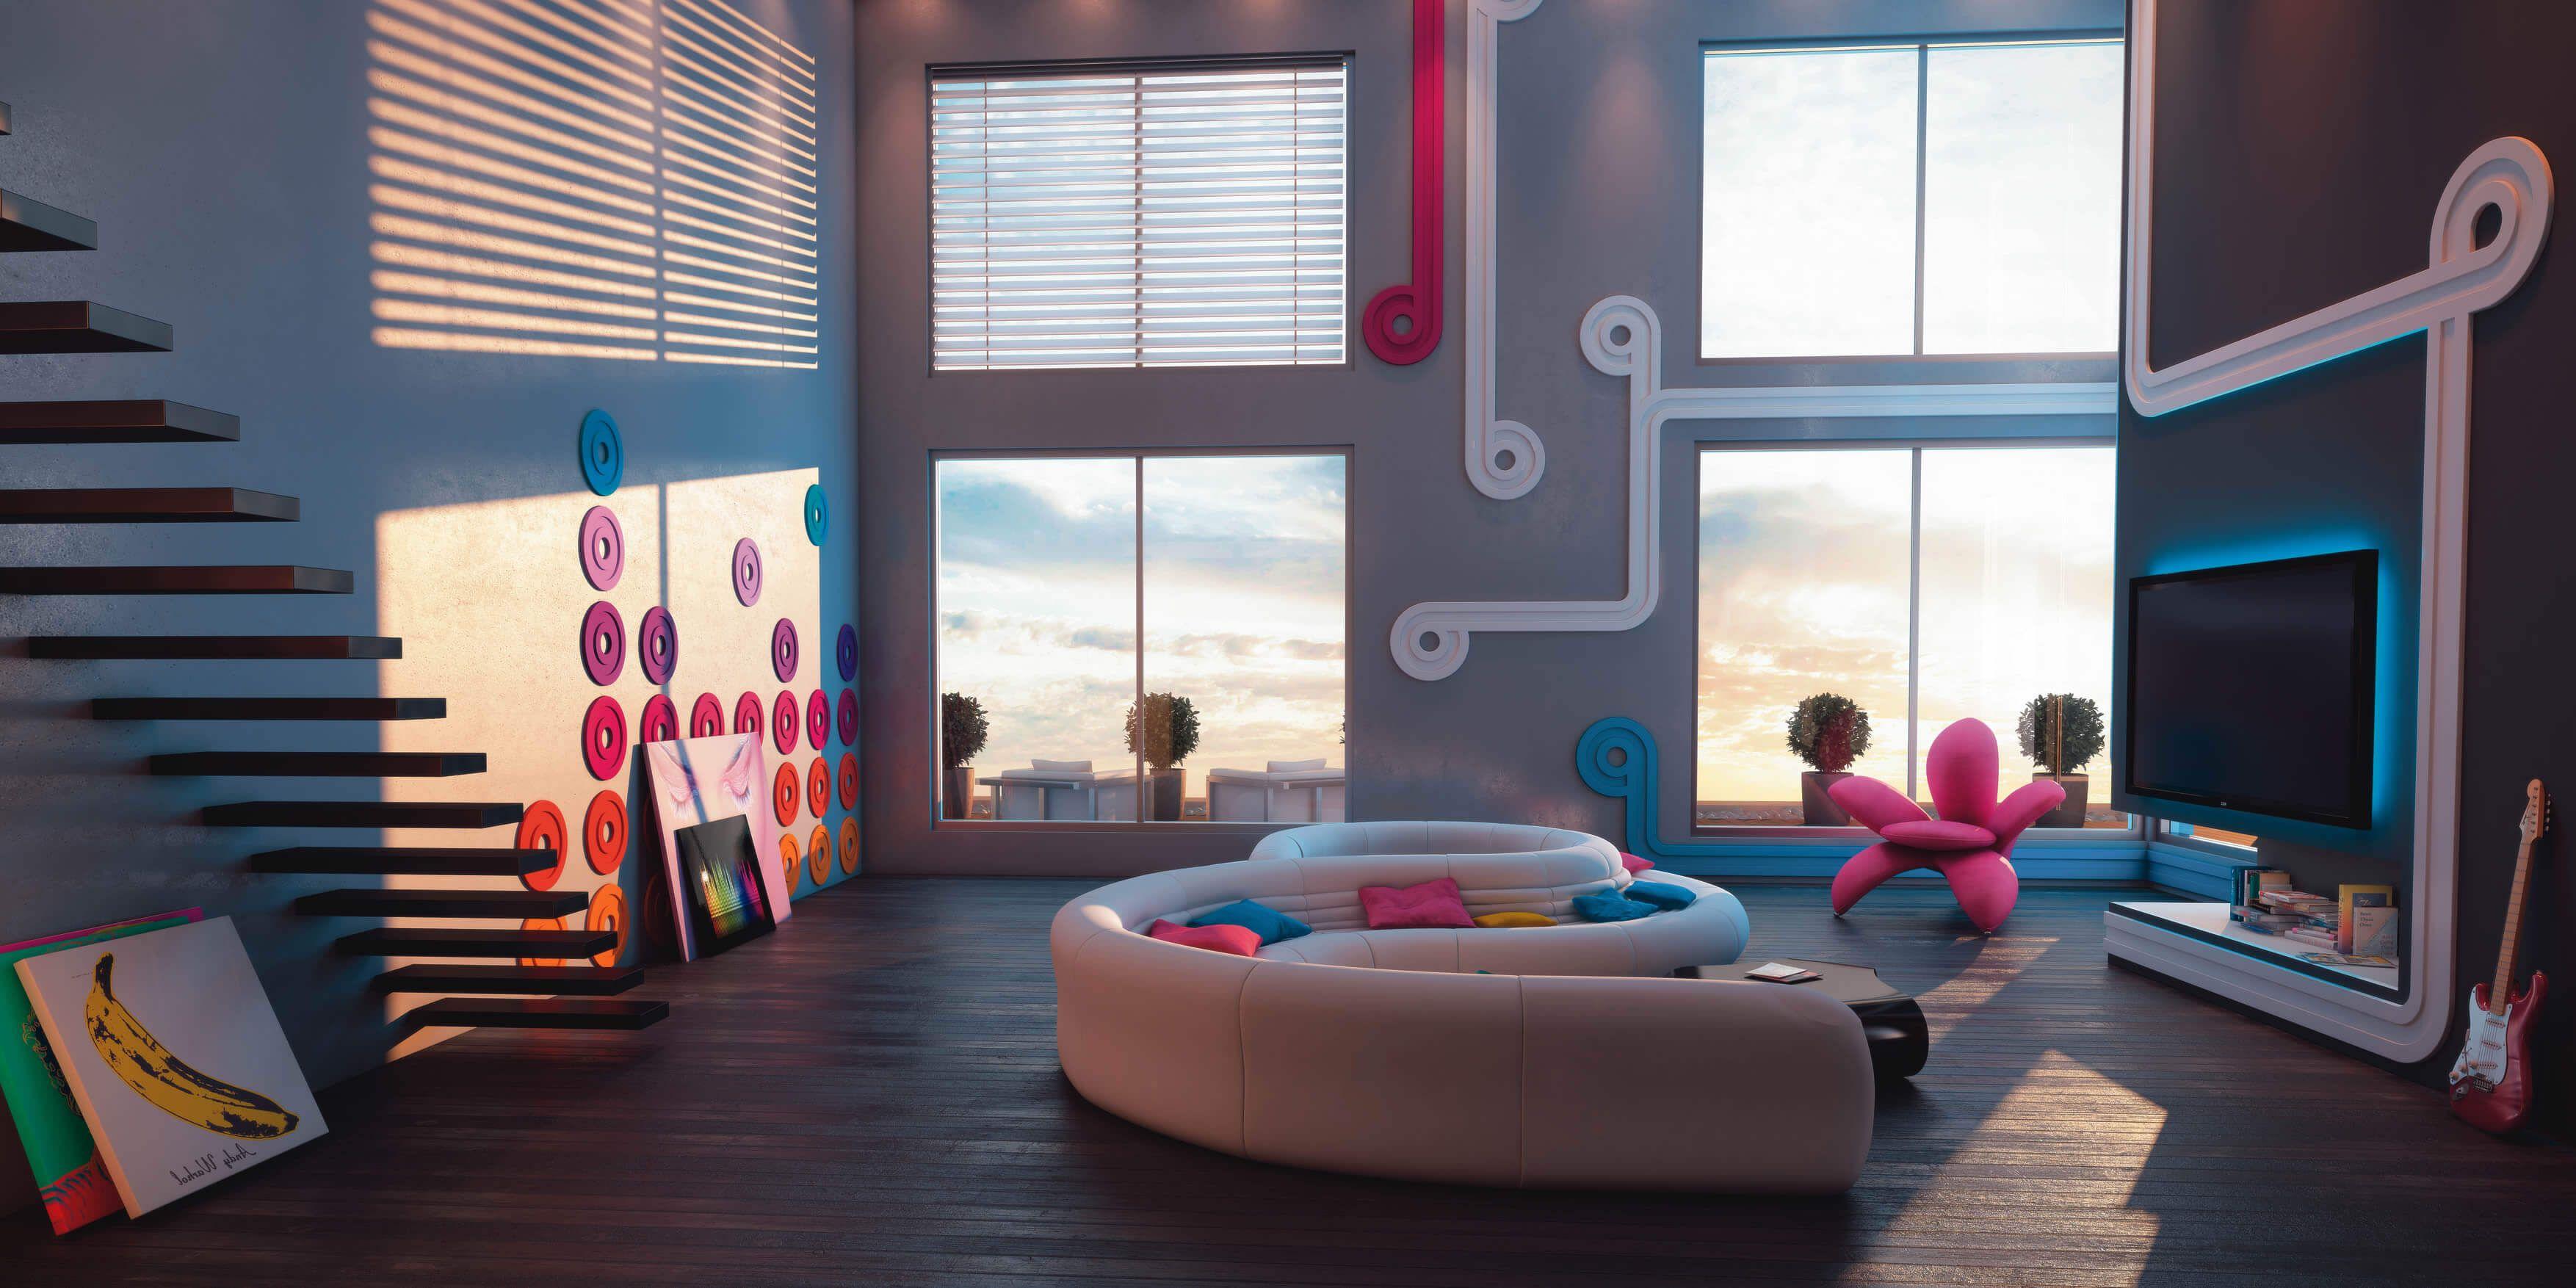 Nmc Wandleisten Und Deckenelemente Fur Einen Modernen Designer Look Im Wohnzimmer Zimmereinrichtung Wohnzimmermobel Wandleiste